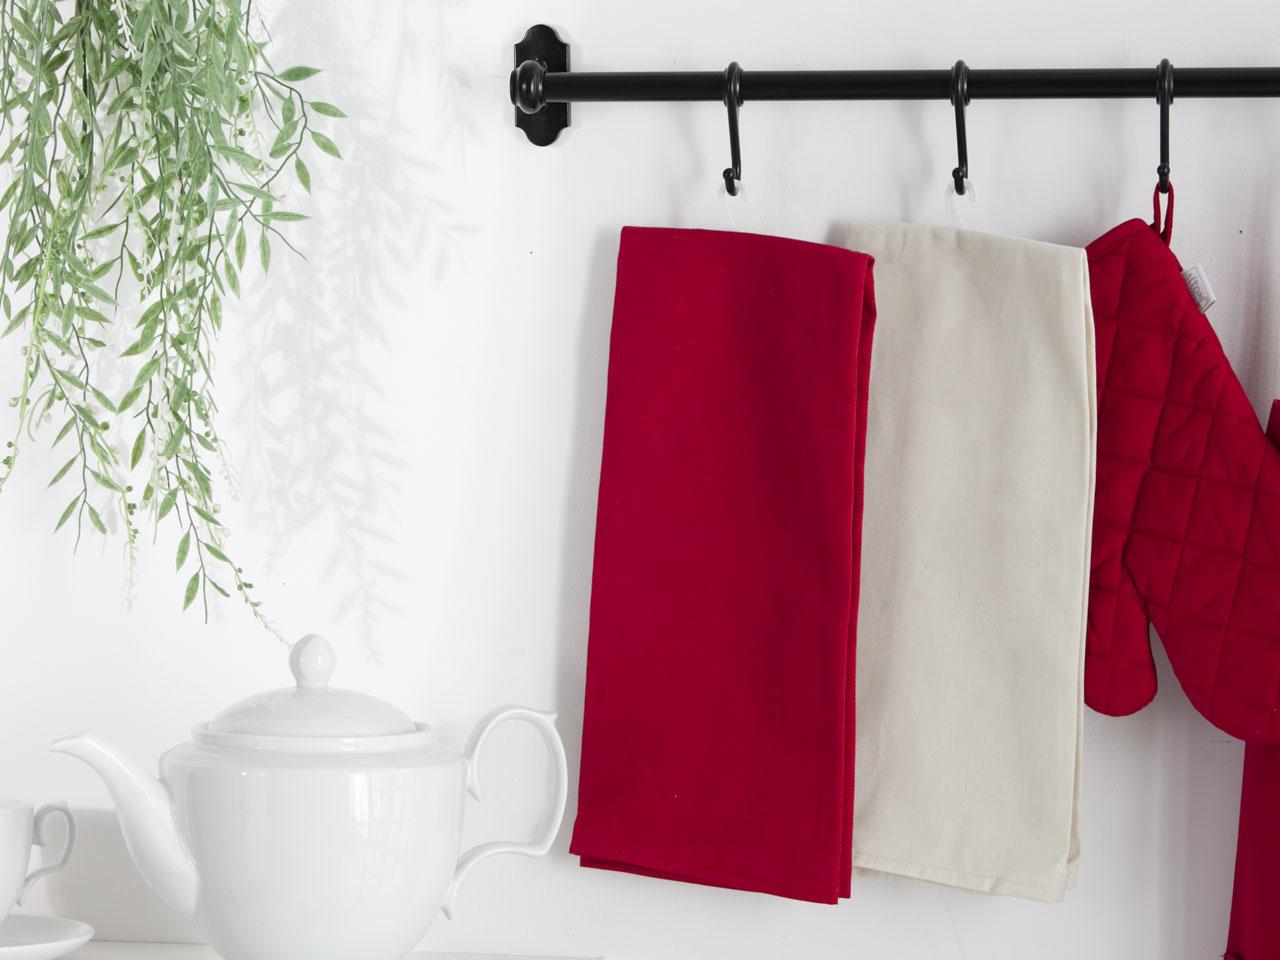 Ręcznik / Ściereczka kuchenna 100% bawełna Altom Design kolekcja Monokolor czerwona